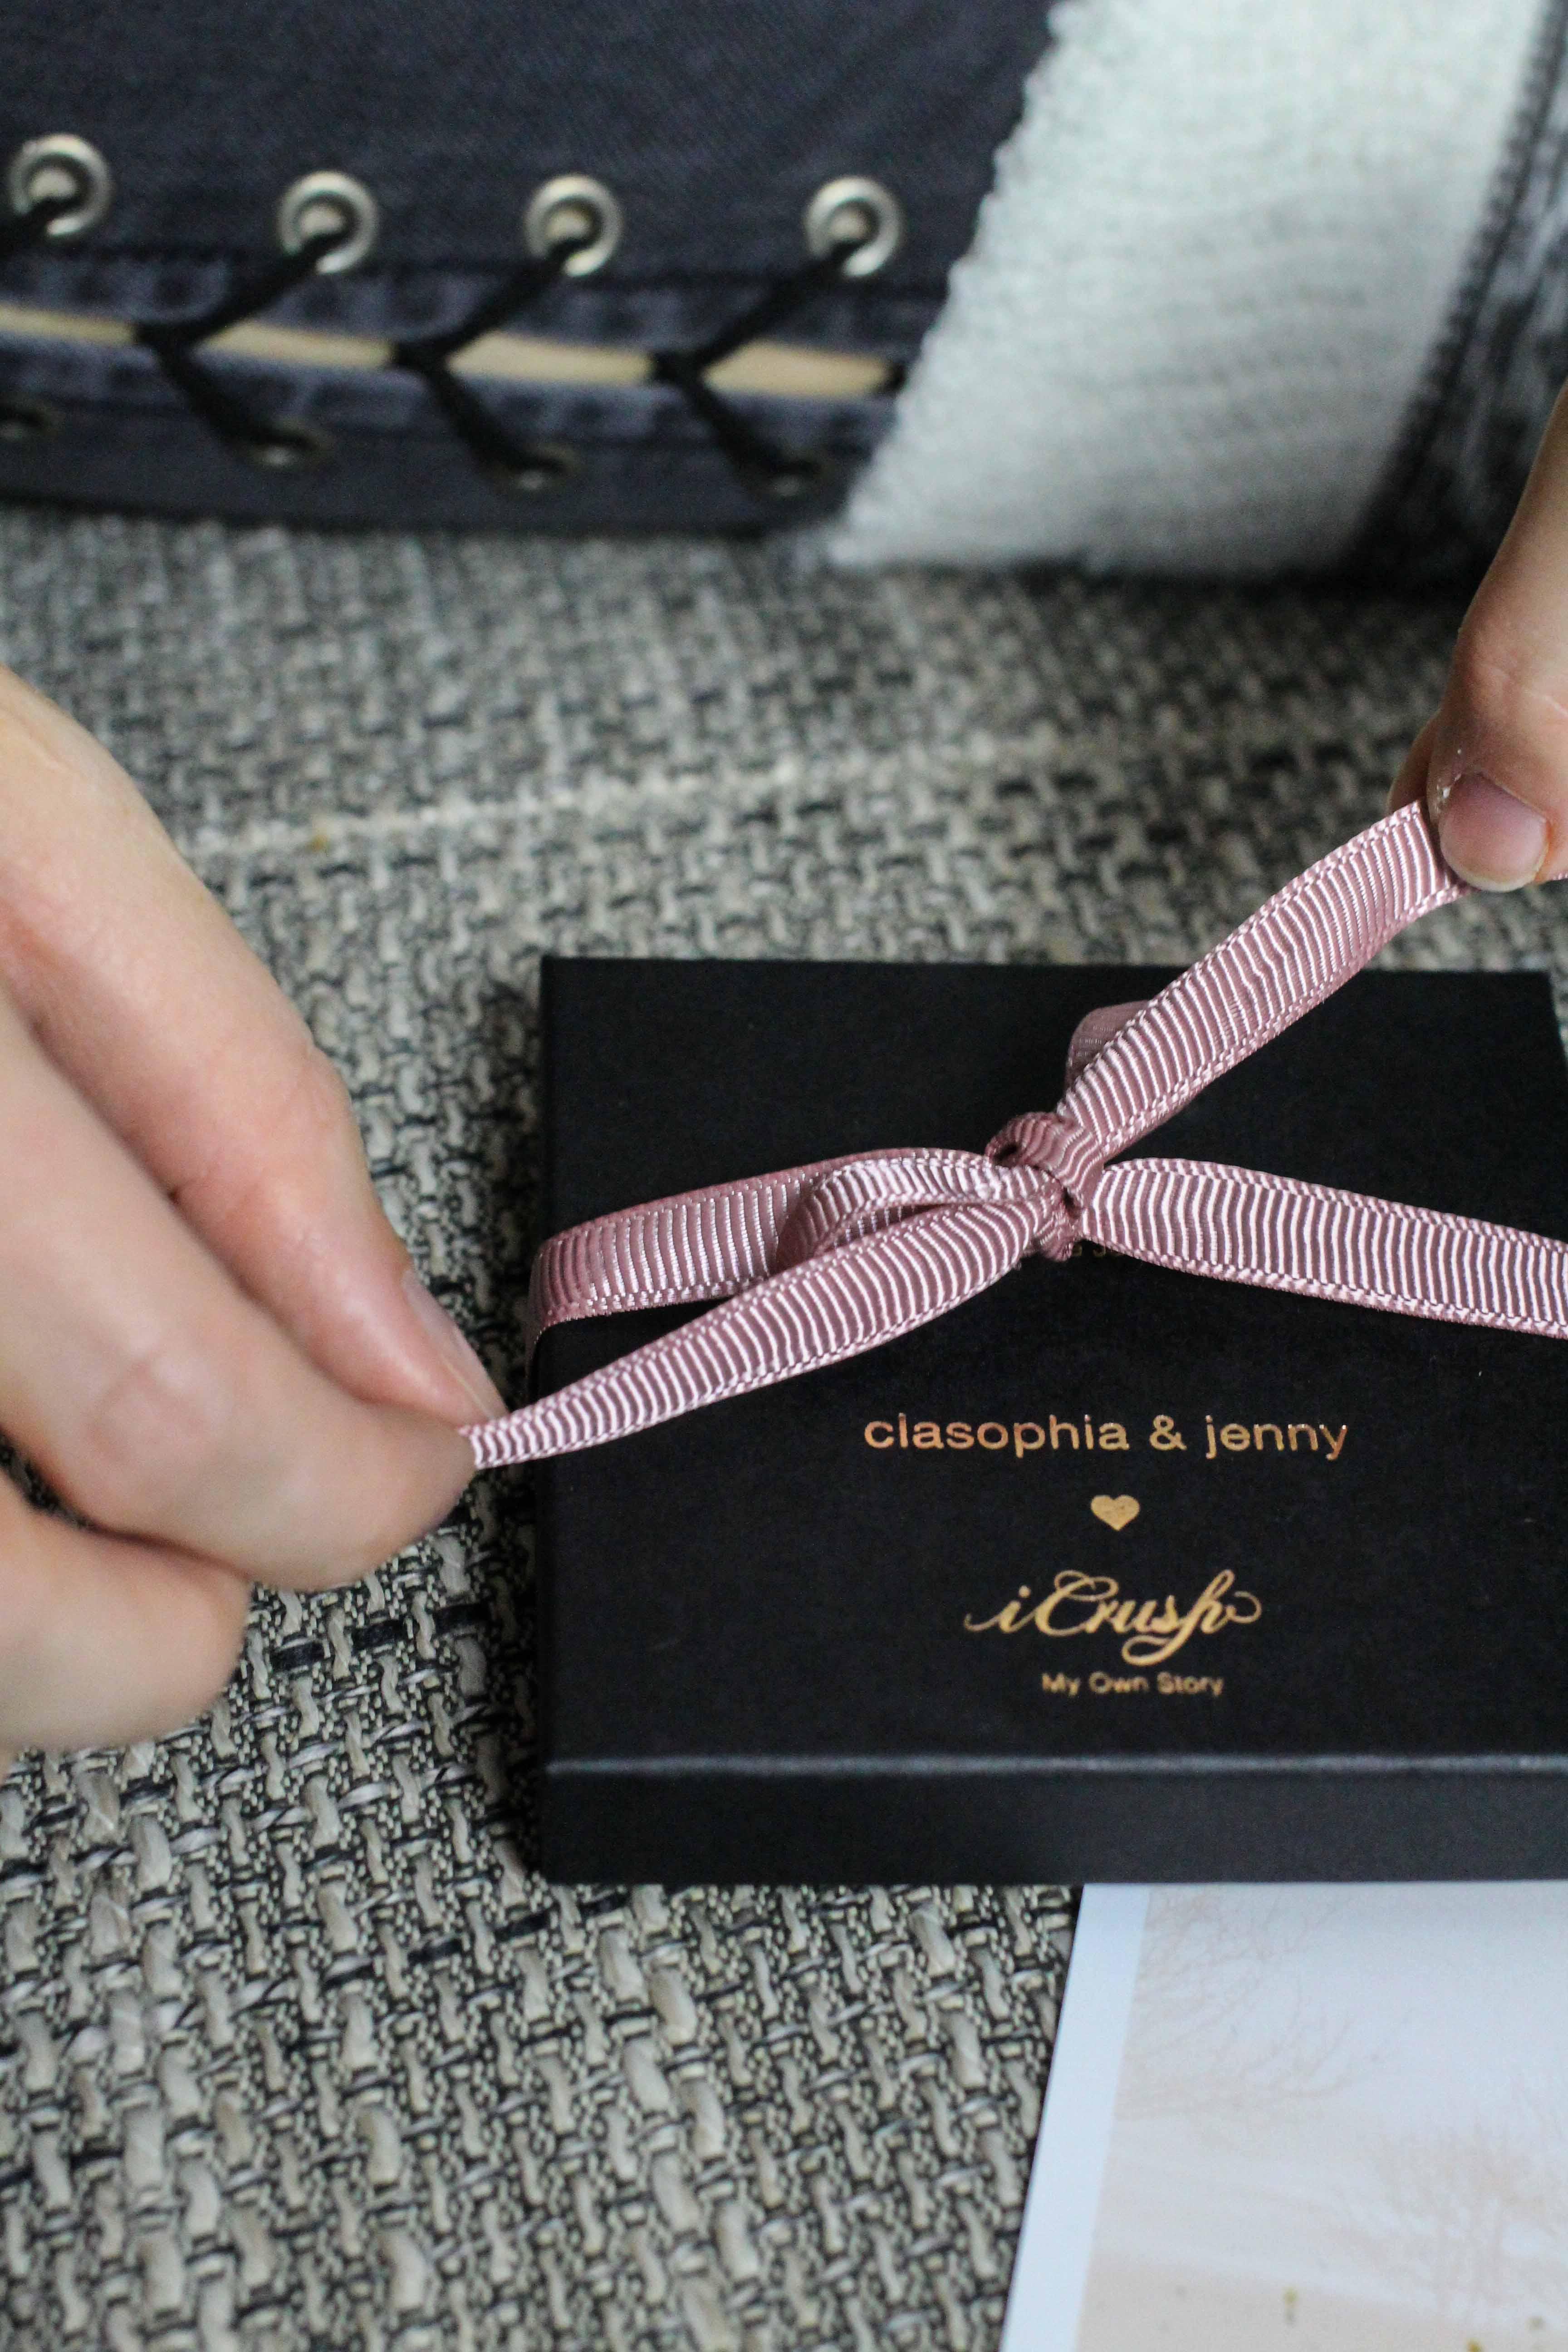 Blogger Adventskalender iCrush hochwertiges Schmuckset rosegold Spread the love filligrane Kette Mond Tropfen iCrush Weihnachtsgeschenk